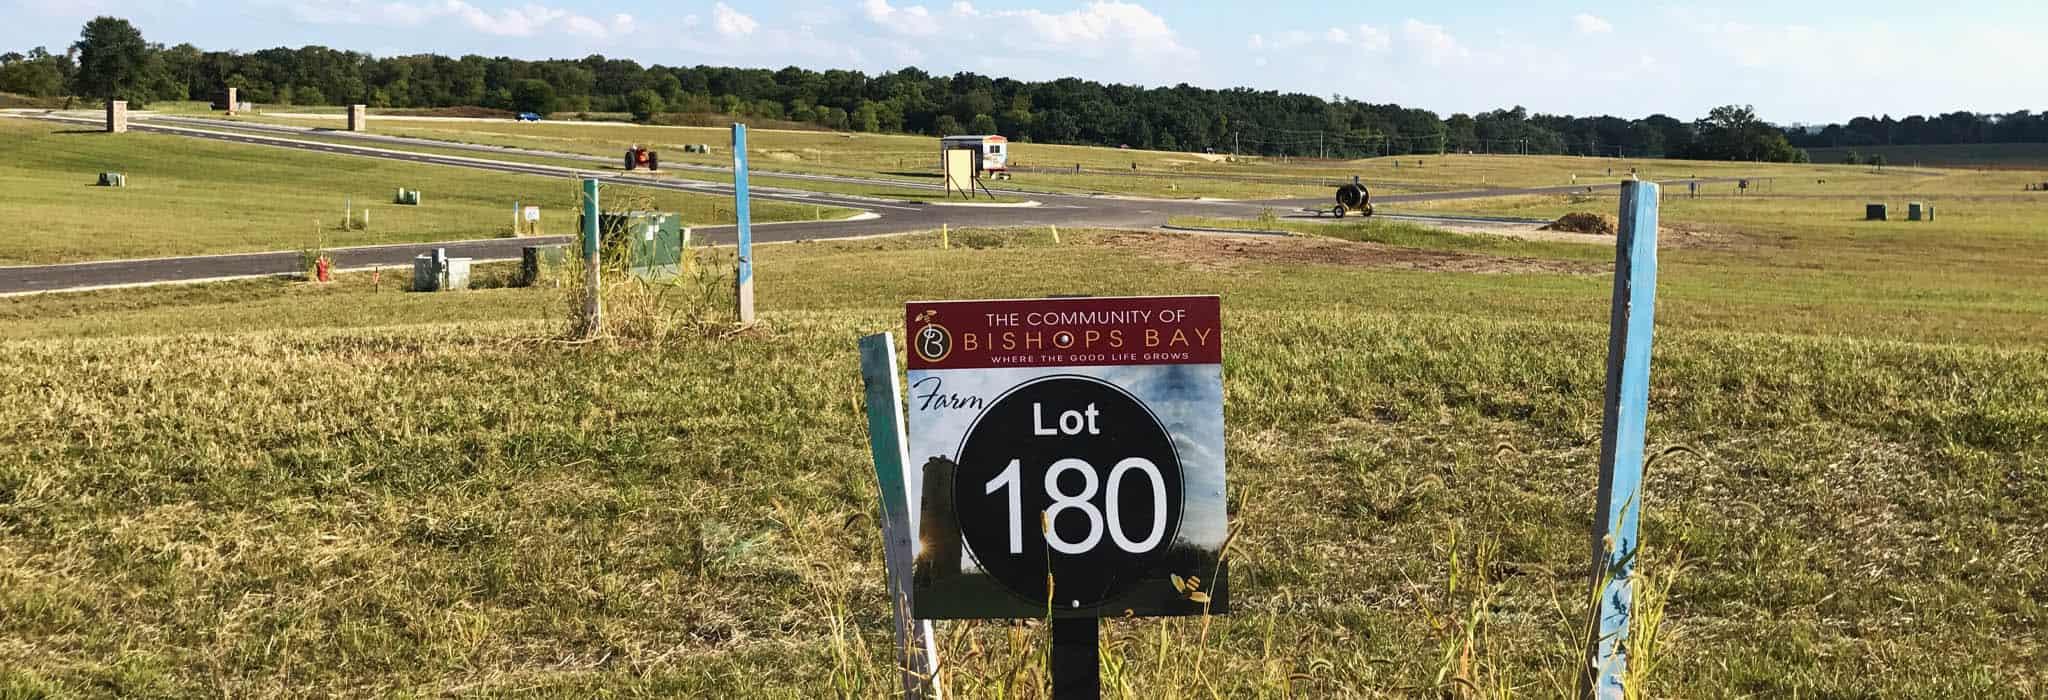 Farm Lot 180